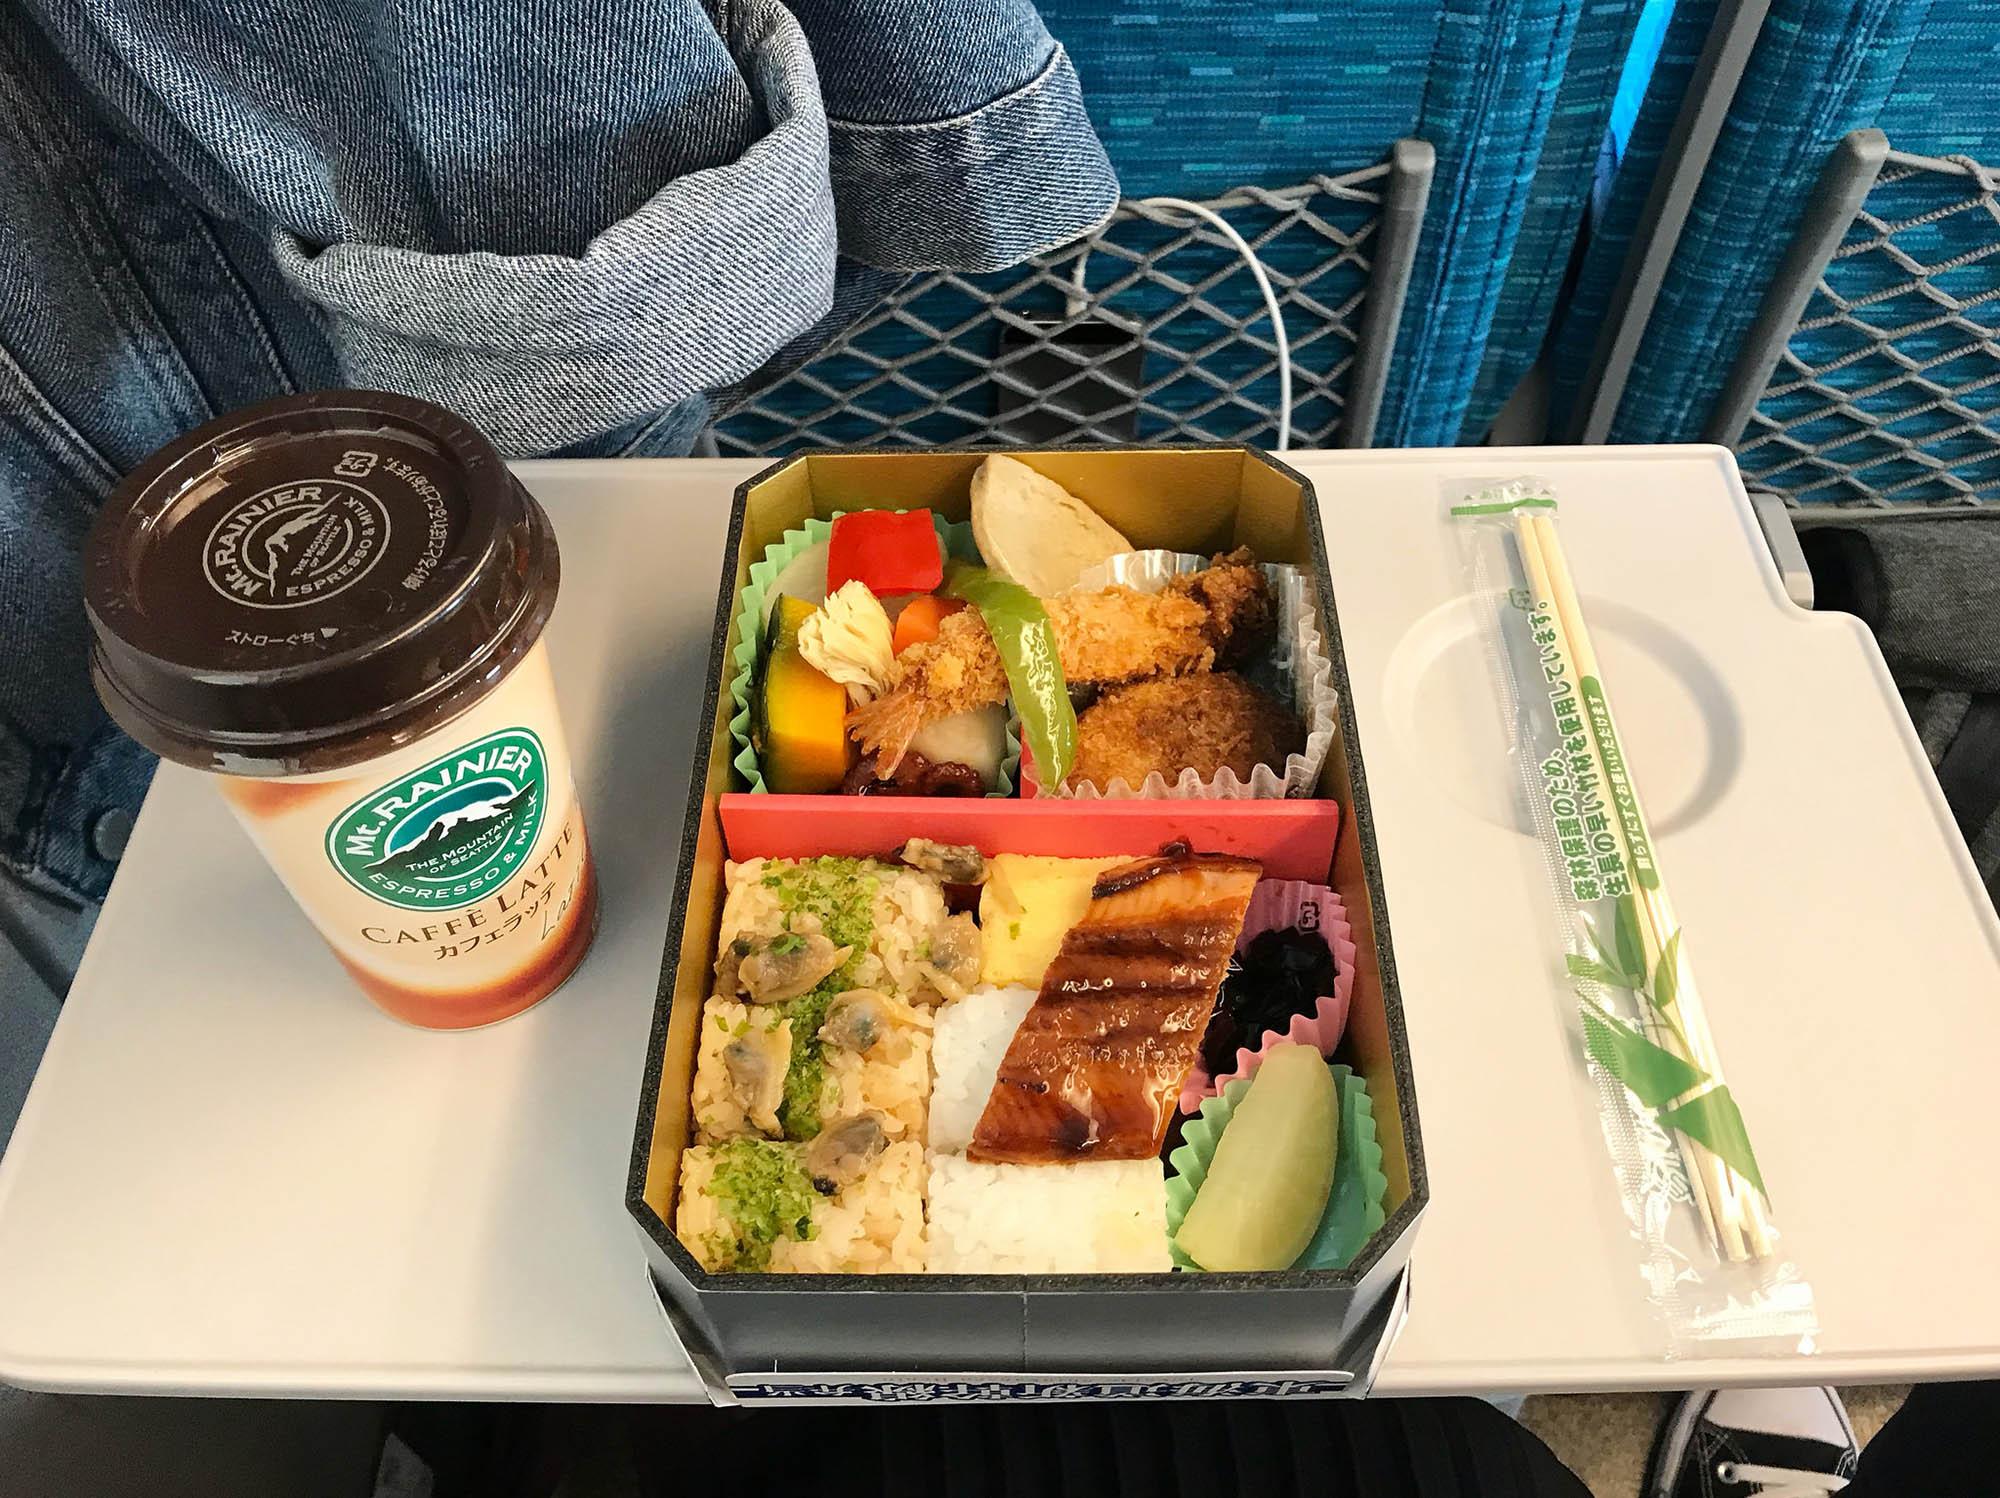 Везде продаются бенто — красиво упакованные наборы еды. Тут суши, рис, жареные овощи и свежие фрукты, стоит такой набор примерно 500 р.. Благодаря бенто в Японии вообще нет проблемы, чем бы перекусить. Все в Японии едят их постоянно, и обязательно в поездах